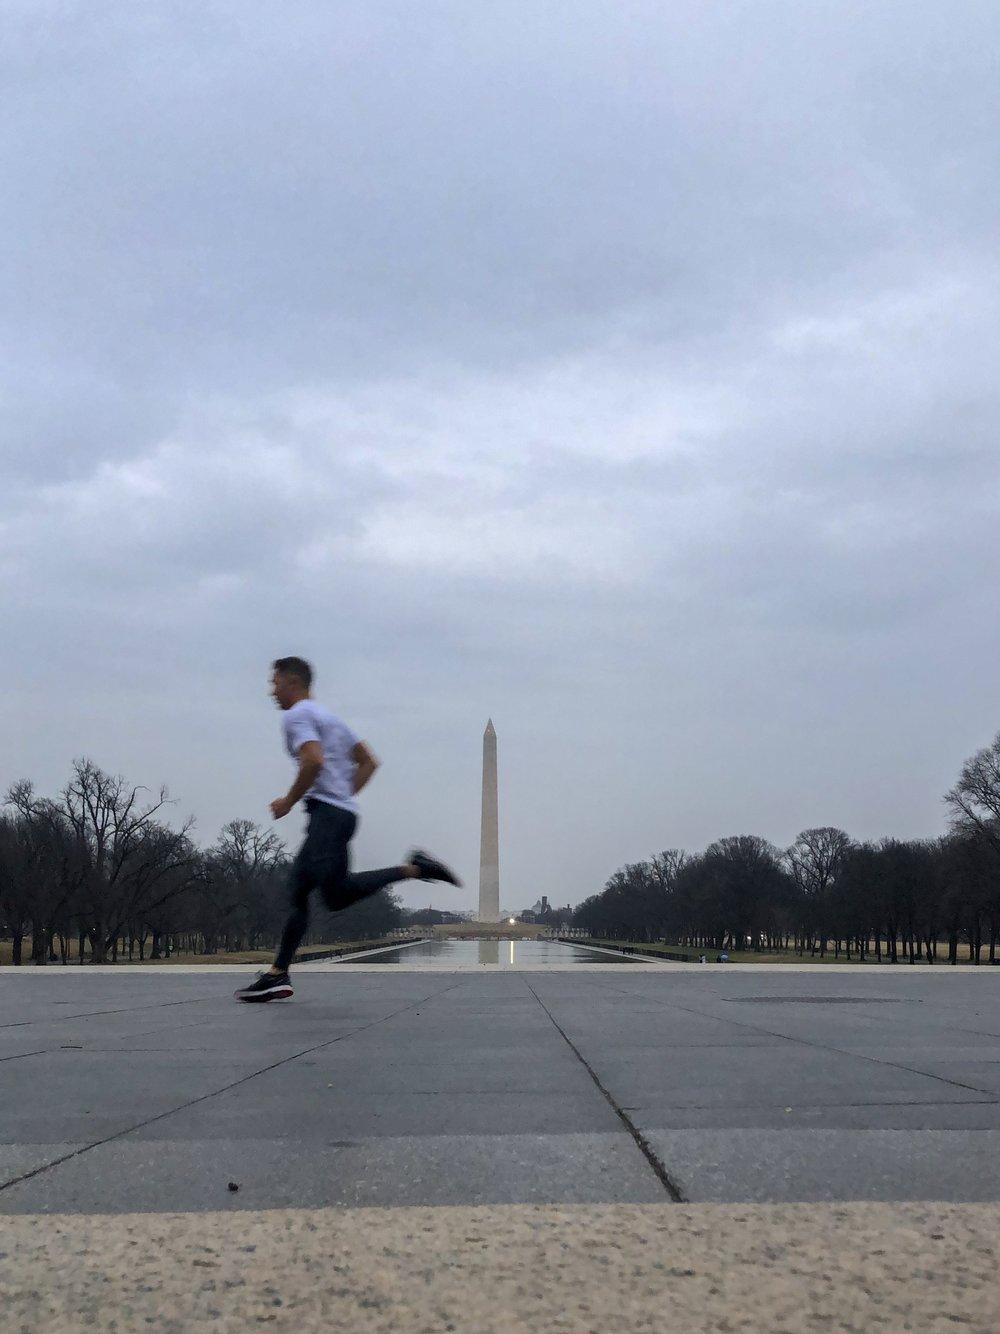 Impromptu running tour of Washington, DC